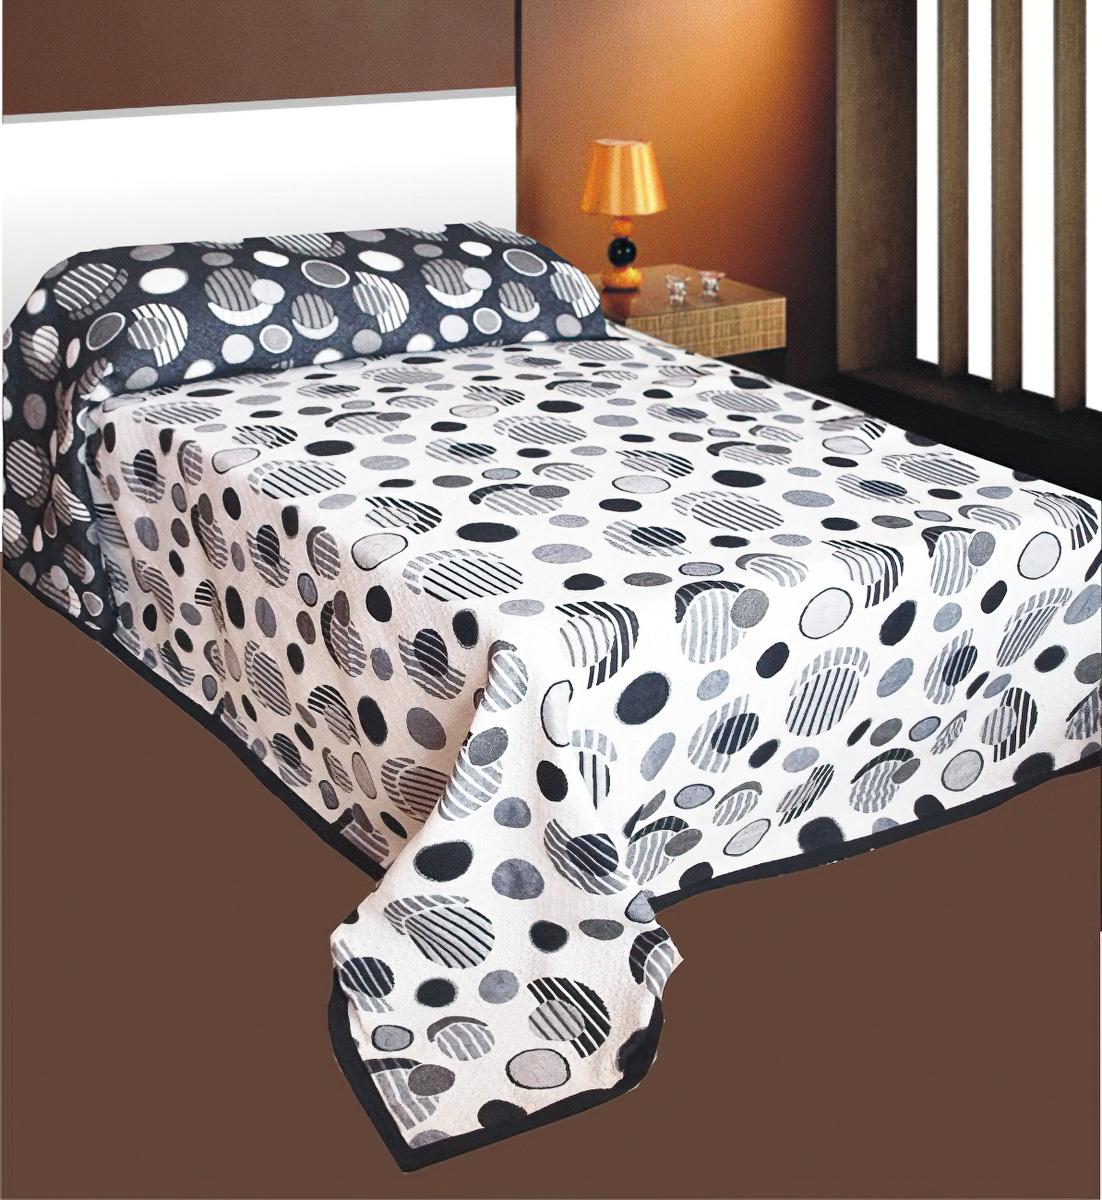 Forbyt Přehoz na postel BRASILIA, 140x220cm, jednolůžkový